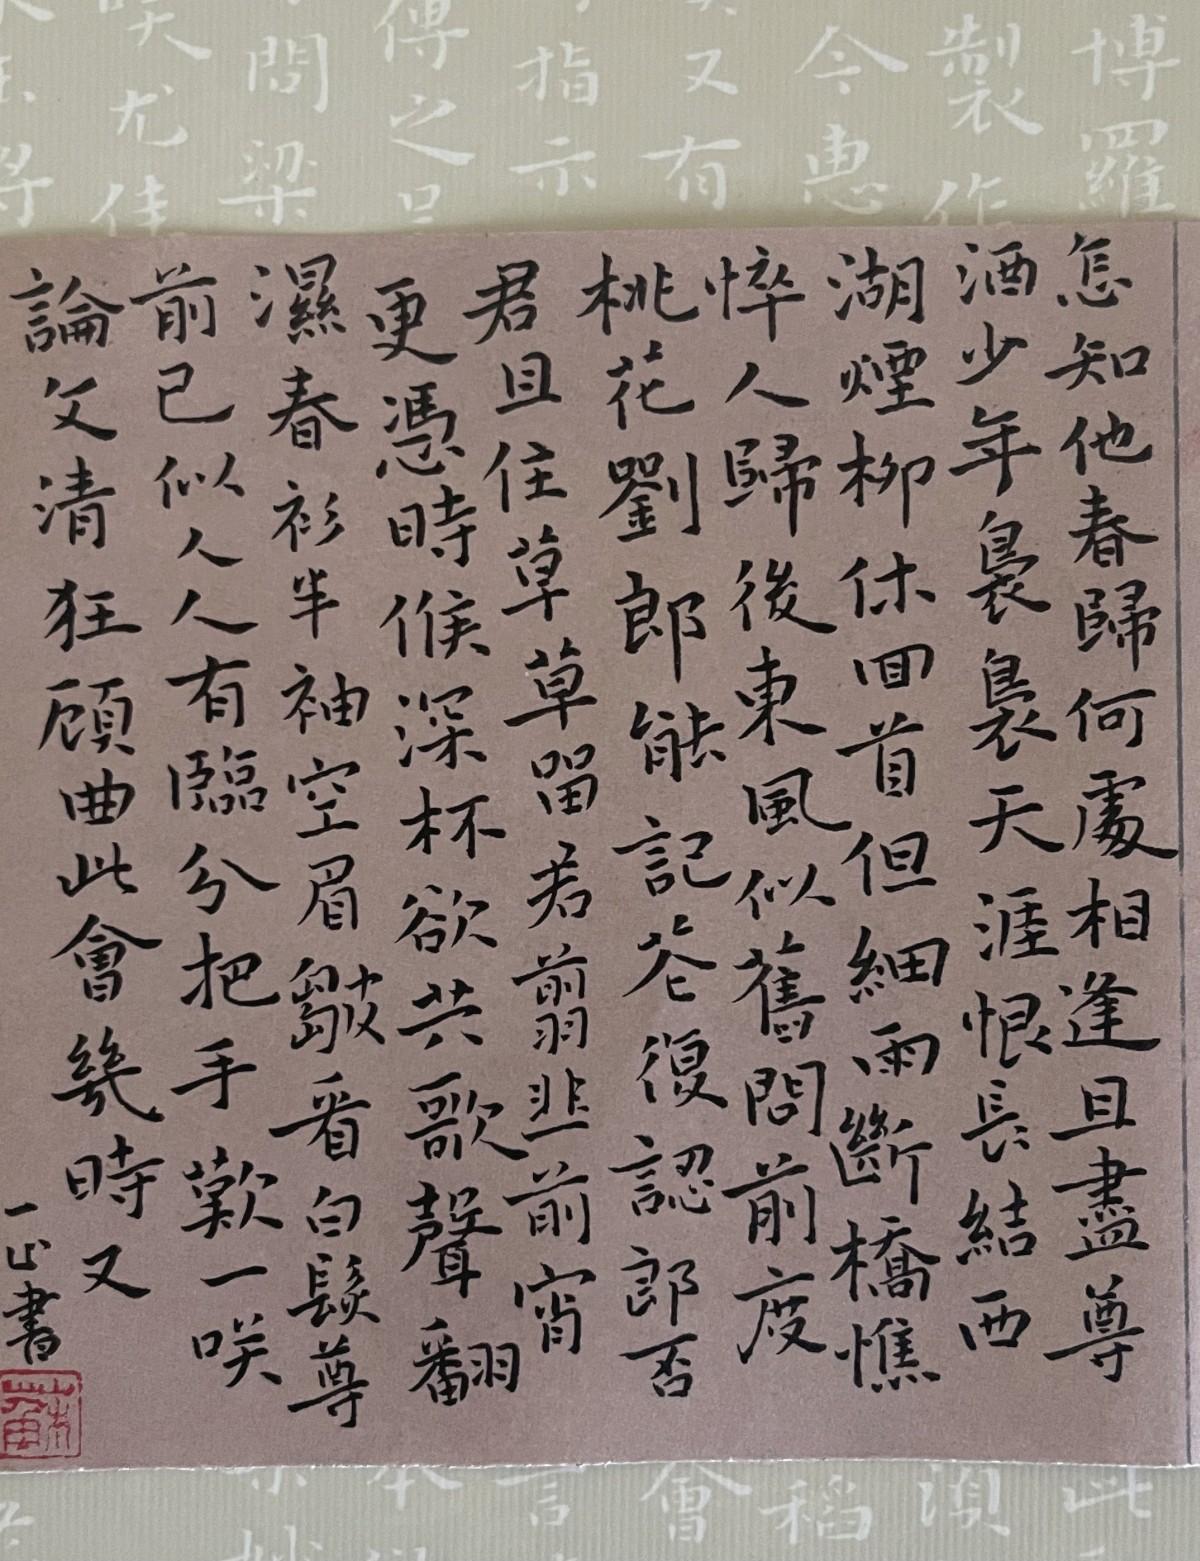 钢笔书法练字打卡20211012-31